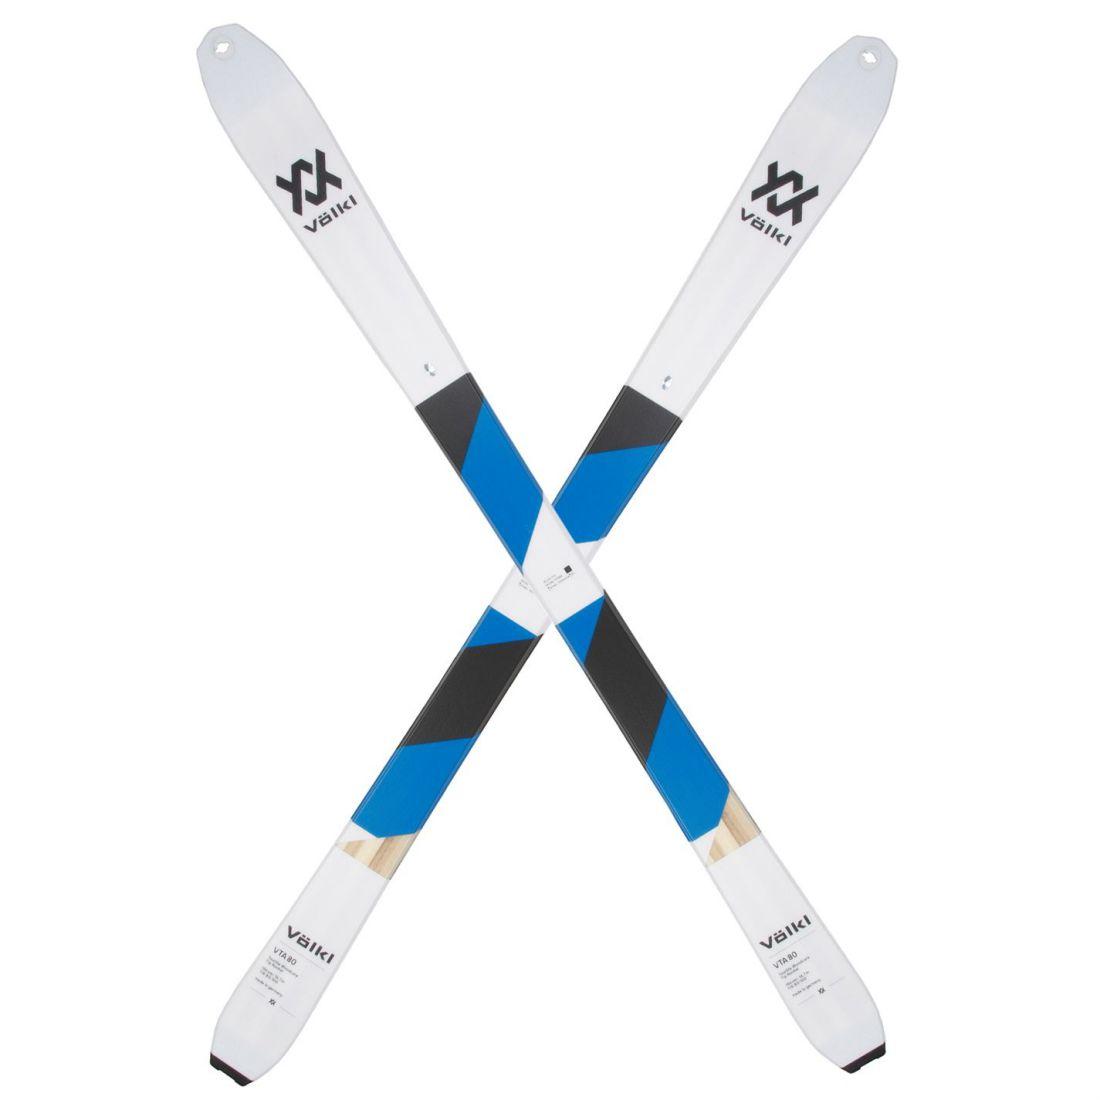 Volkl VTA80 TSet Mens Gents Skis